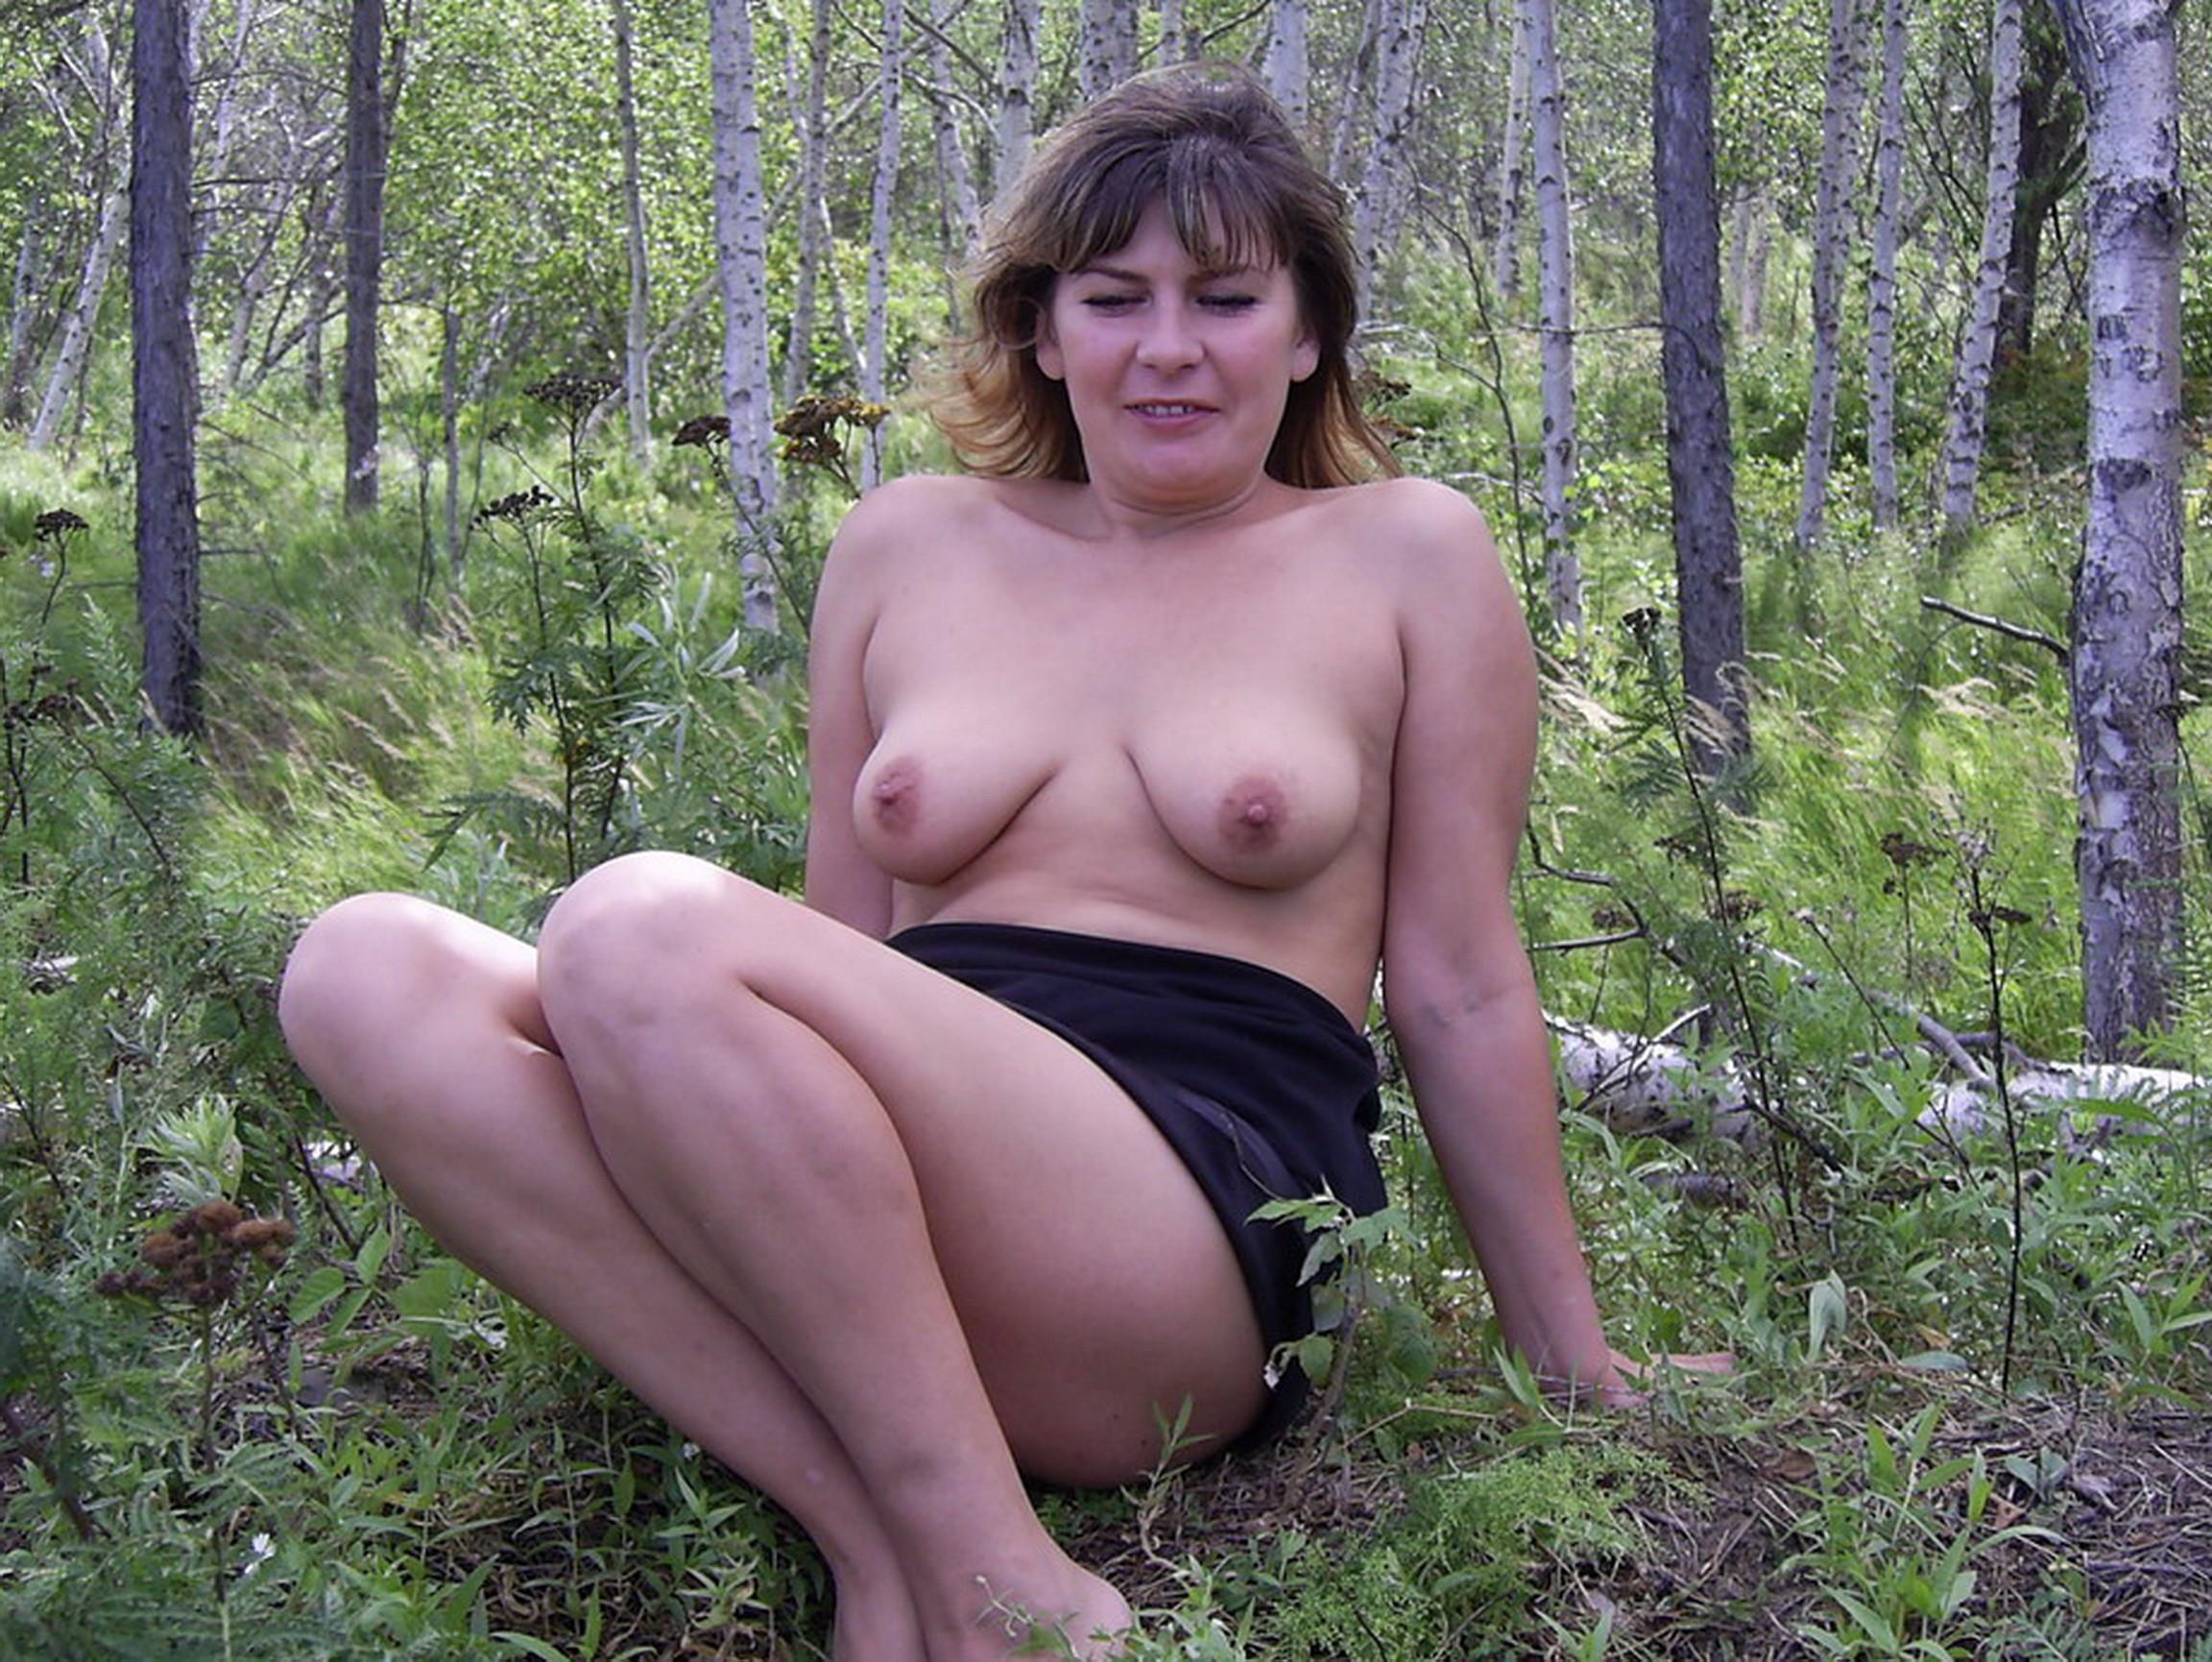 Фото Обнаженных Зрелых Женщин На Природе